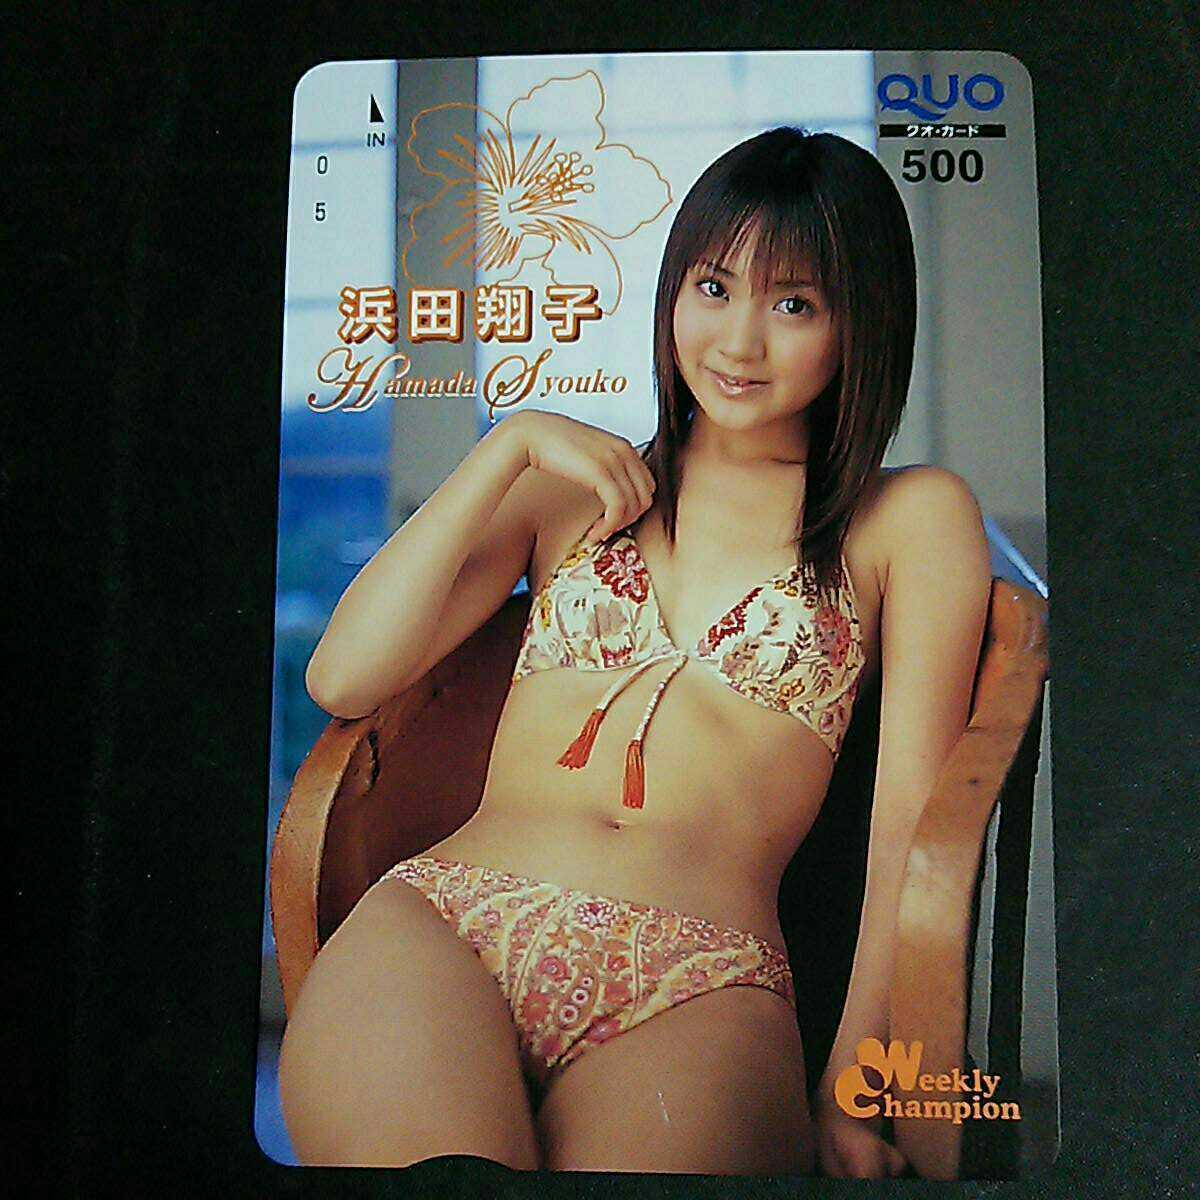 浜田翔子 レア セクシー 水着 クオカード QUOカード クオカ 非売品 未使用 グラビア アイドル テレカ、図書カードではないです ③_画像1